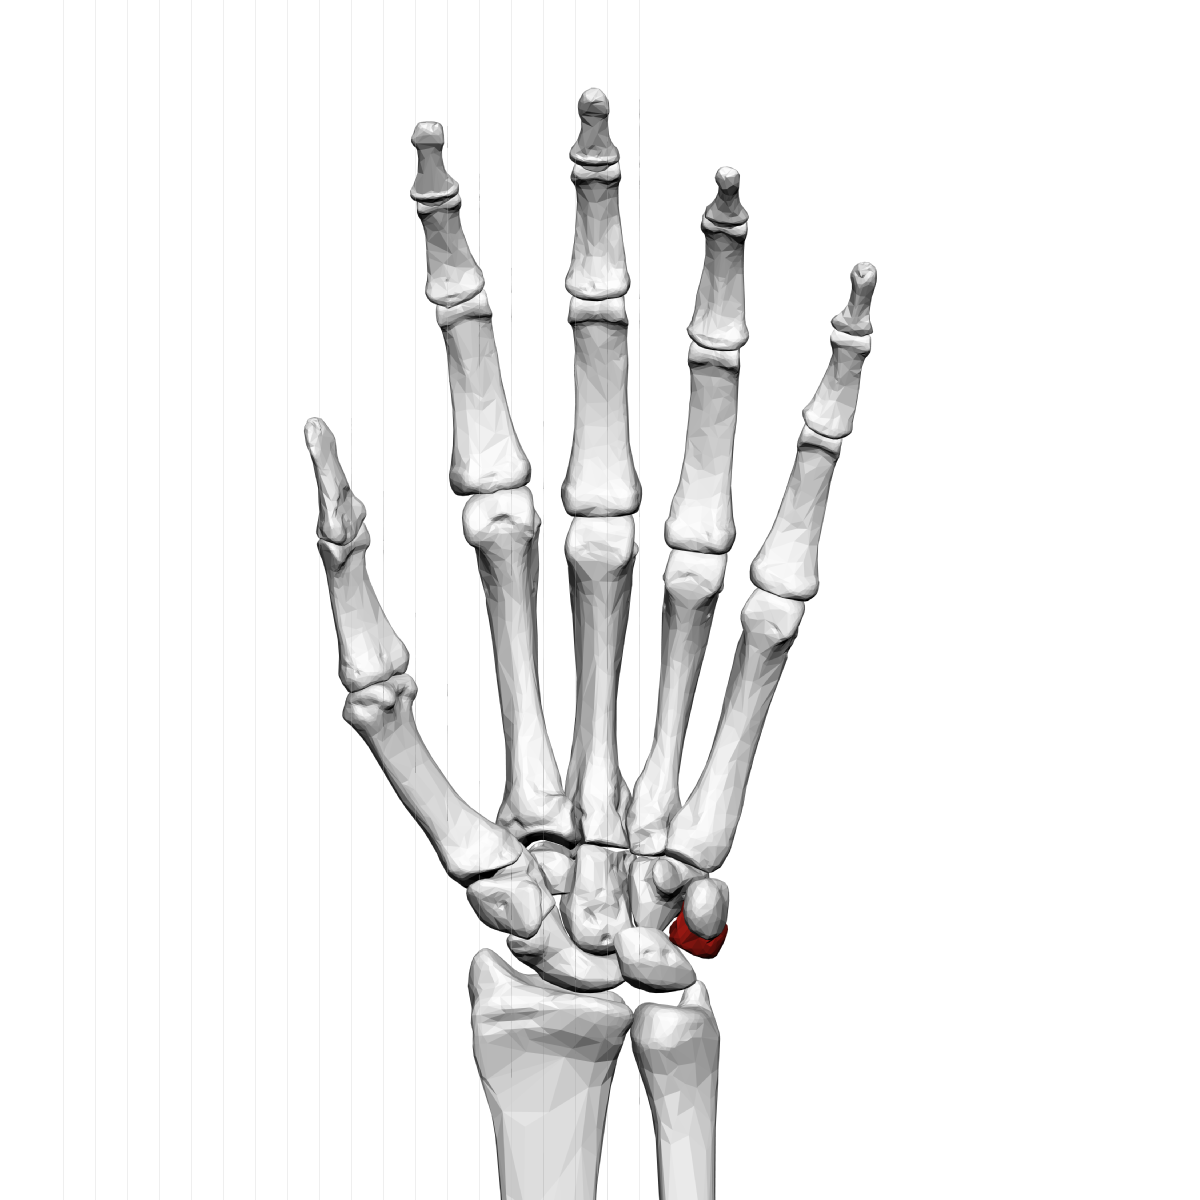 Triquetral bone - Wikipedia